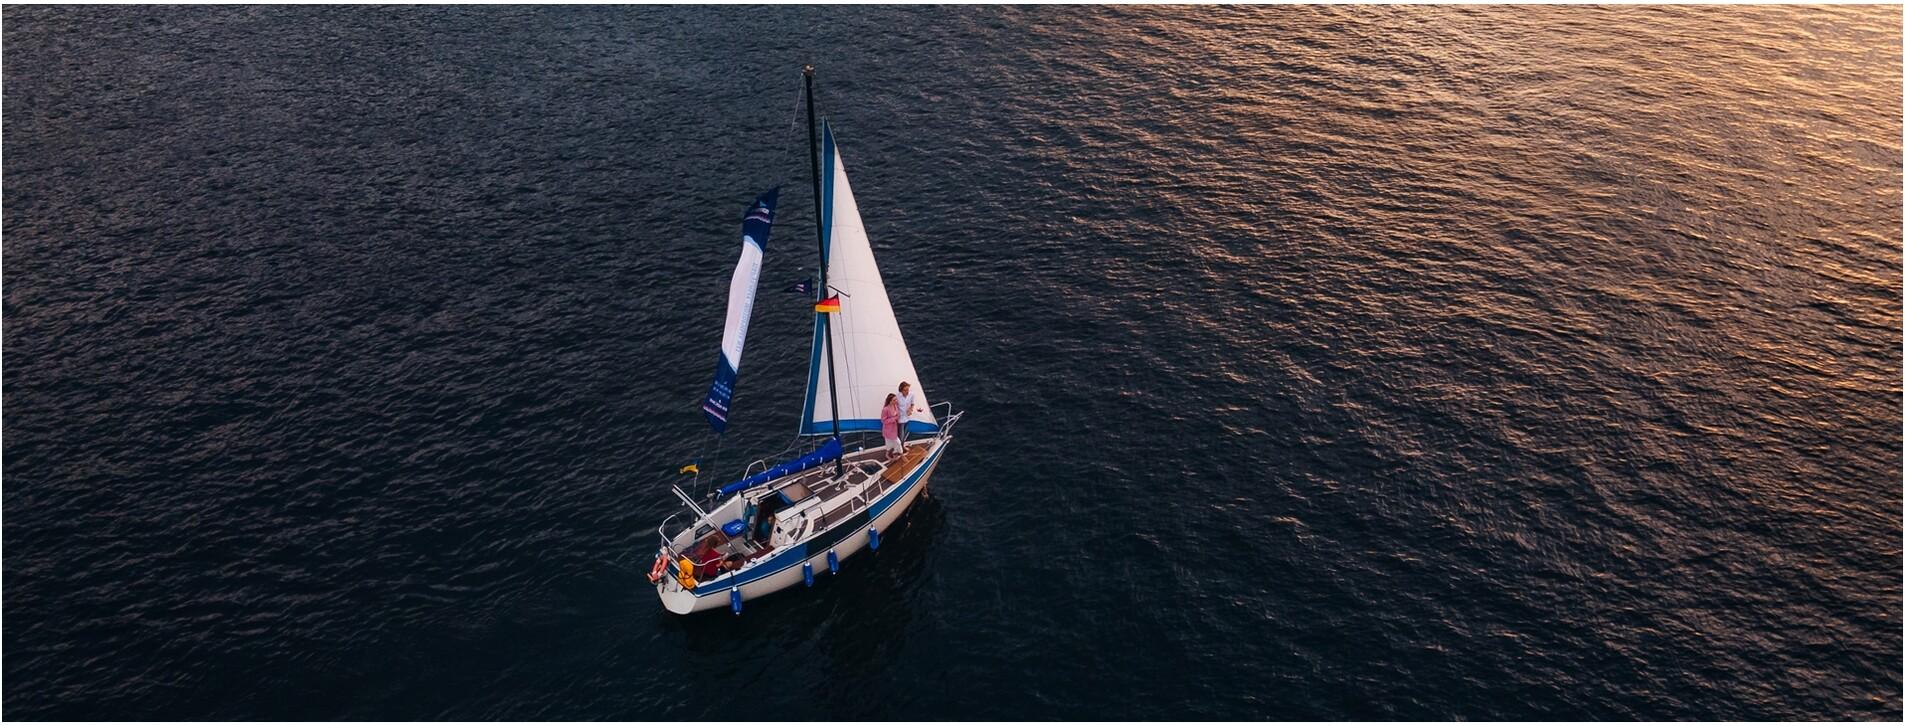 Фото 1 - Романтический закат на яхте